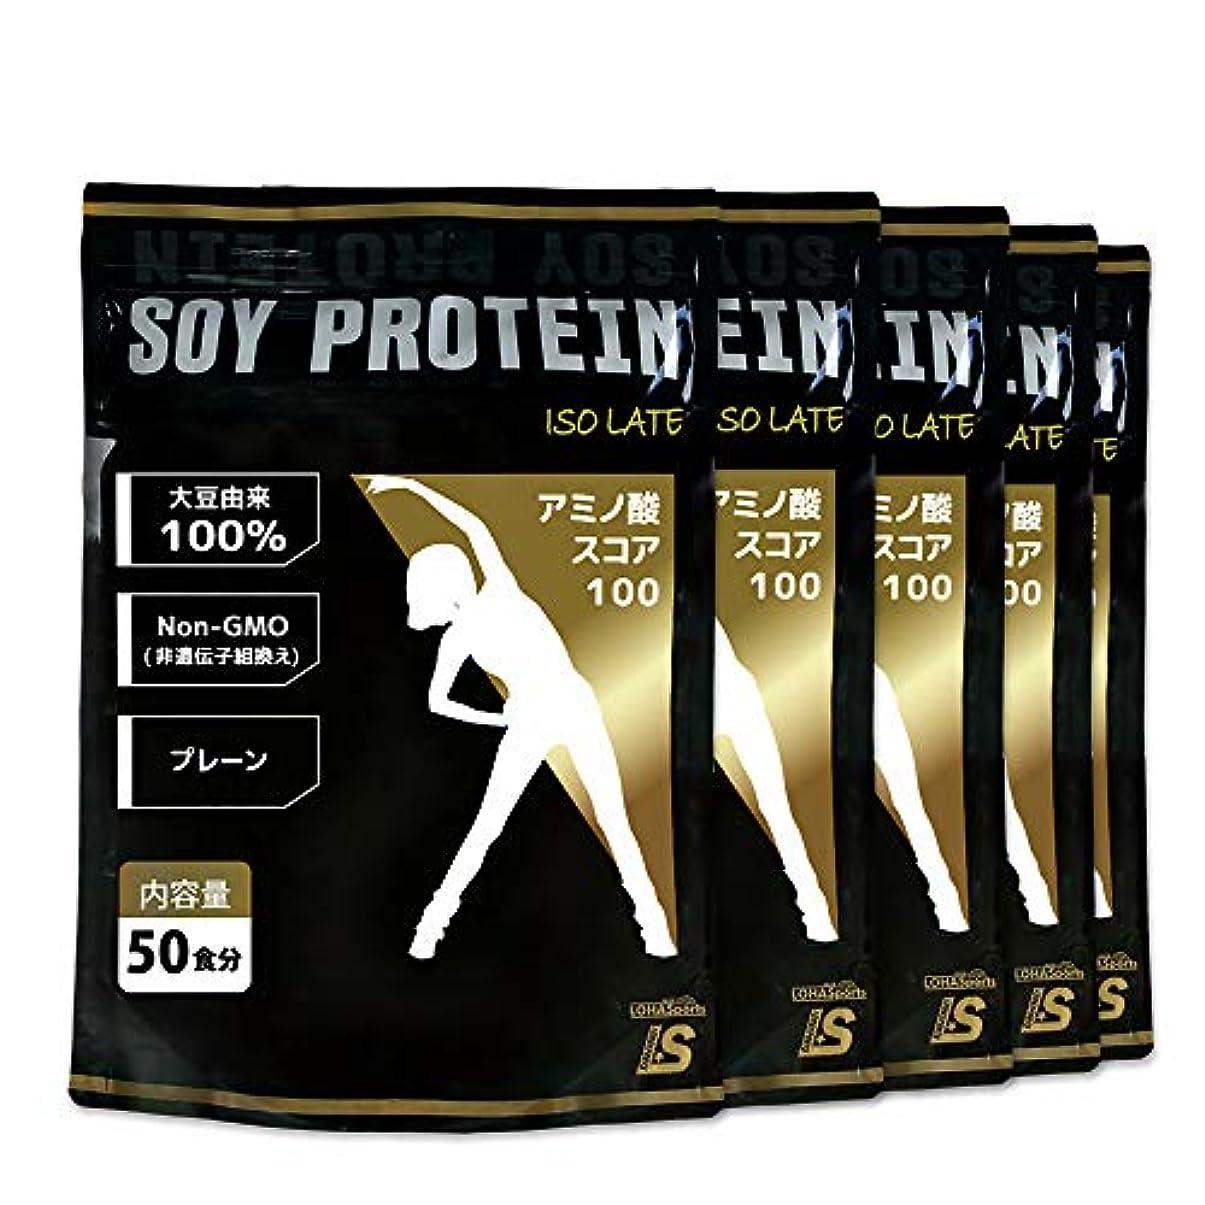 五十失速優れたLOHAStyle ソイプロテイン 大豆プロテイン 無添加 ((5kg(1kg×5袋)) 約250食分) アミノ酸スコア100 [非遺伝子組み換え]